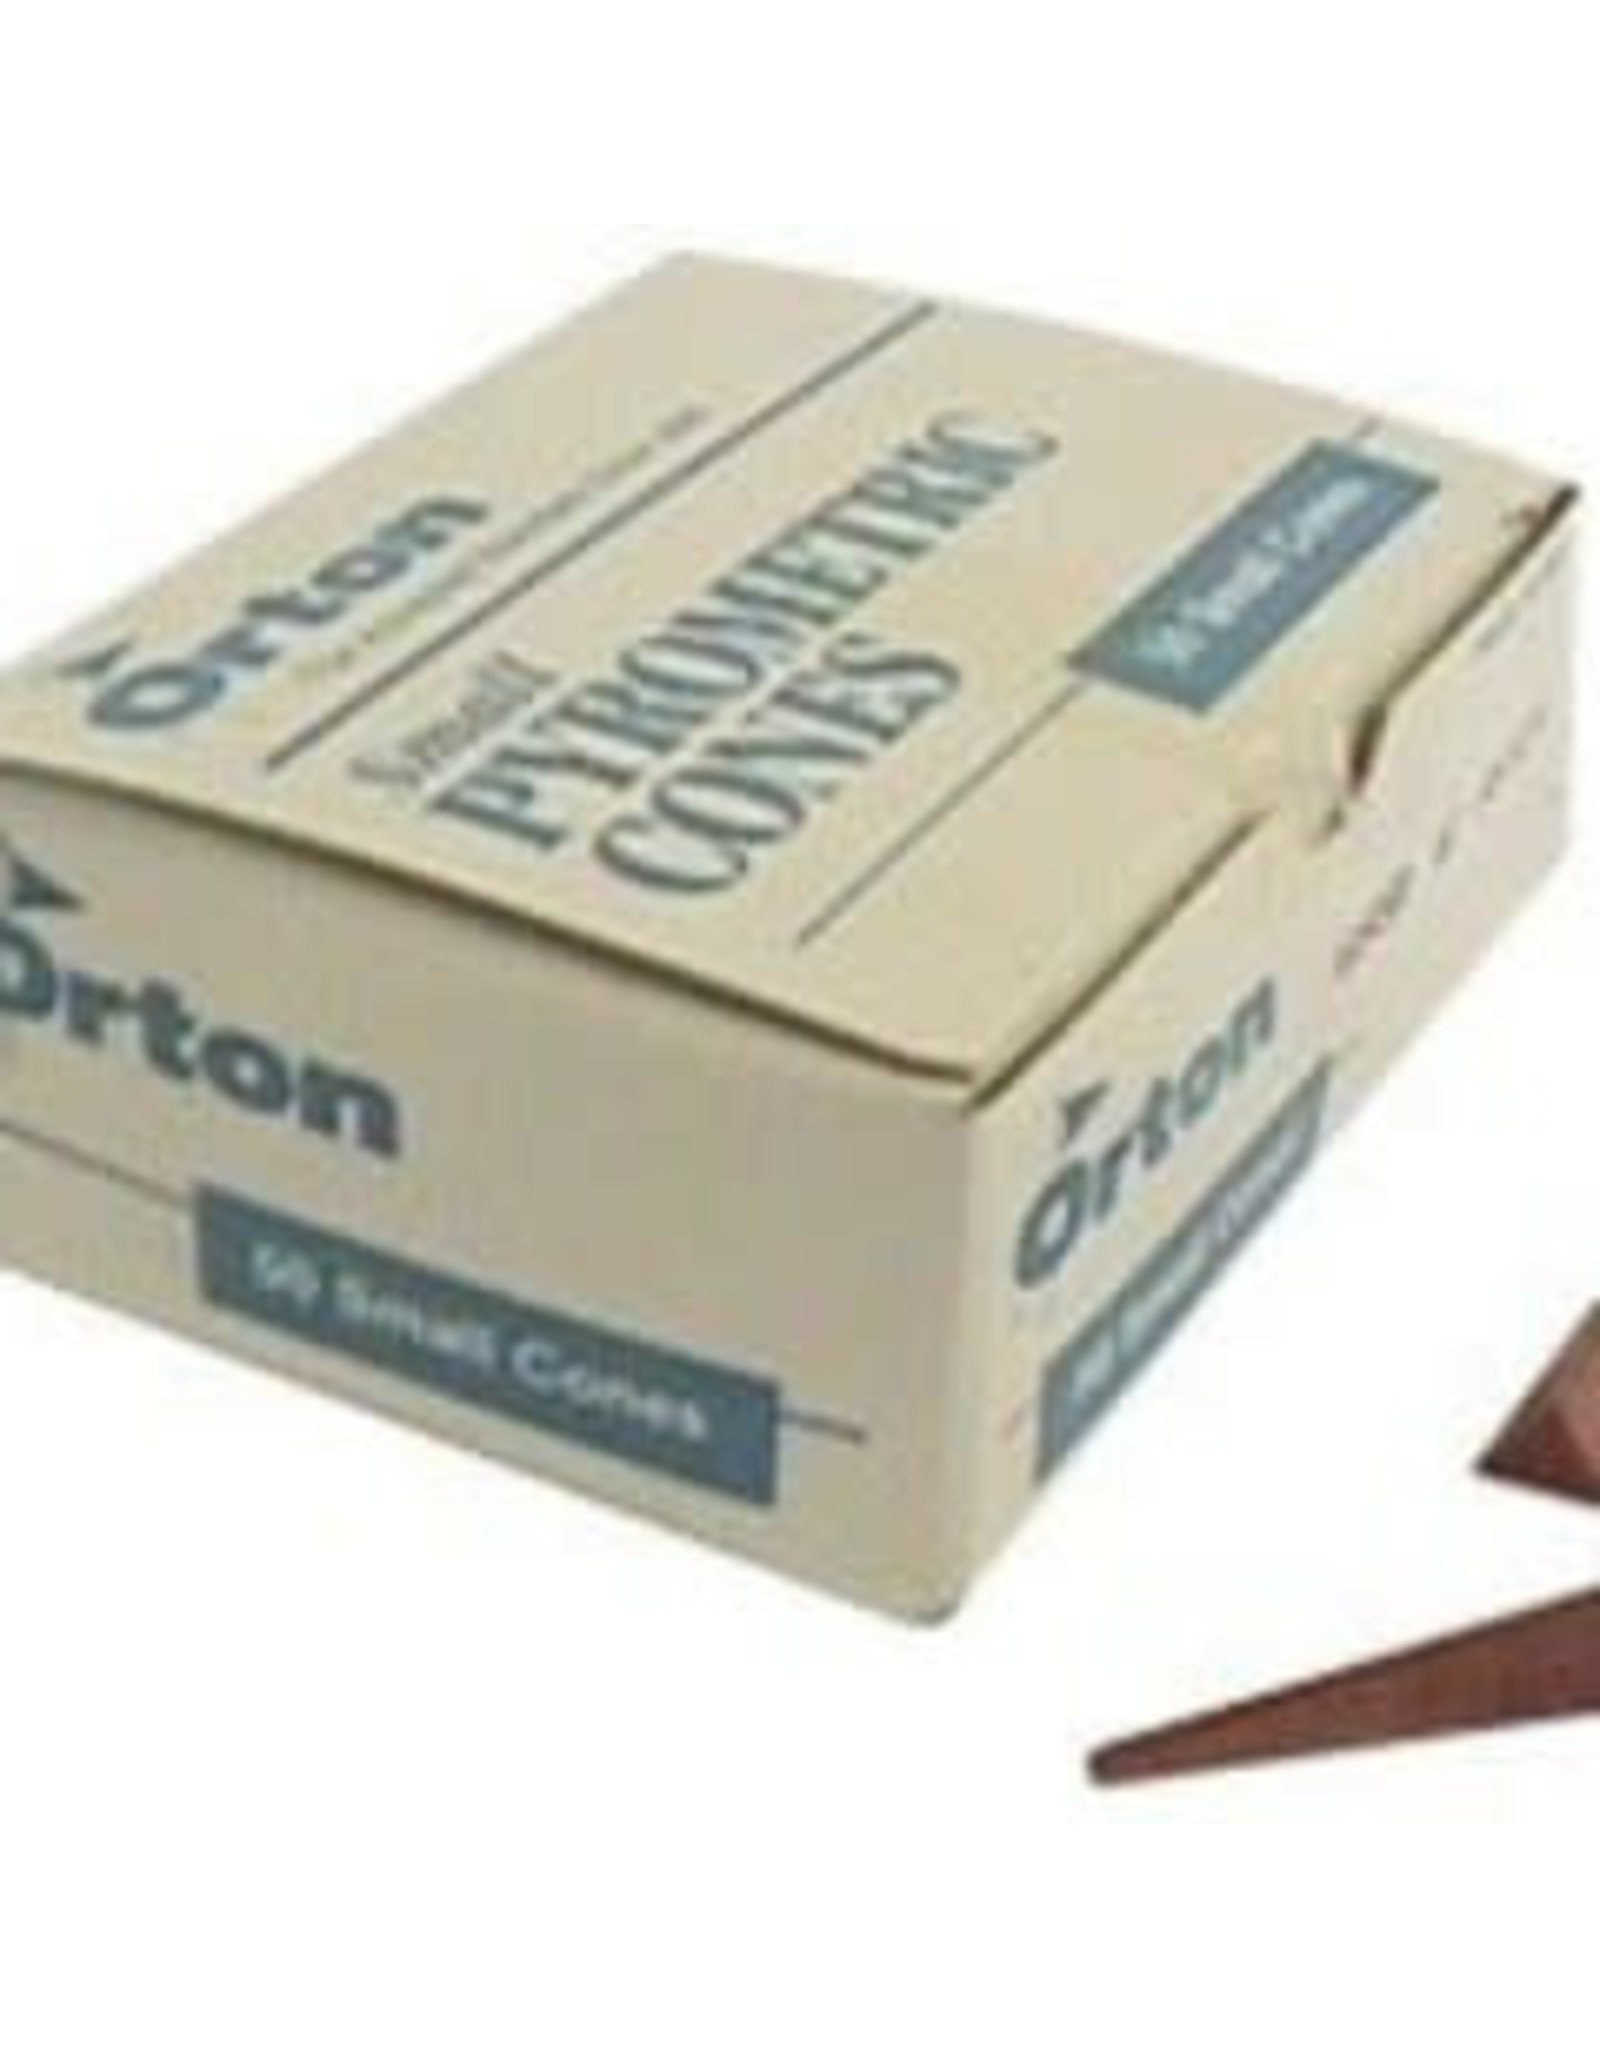 Orton small cone 014 (x10)